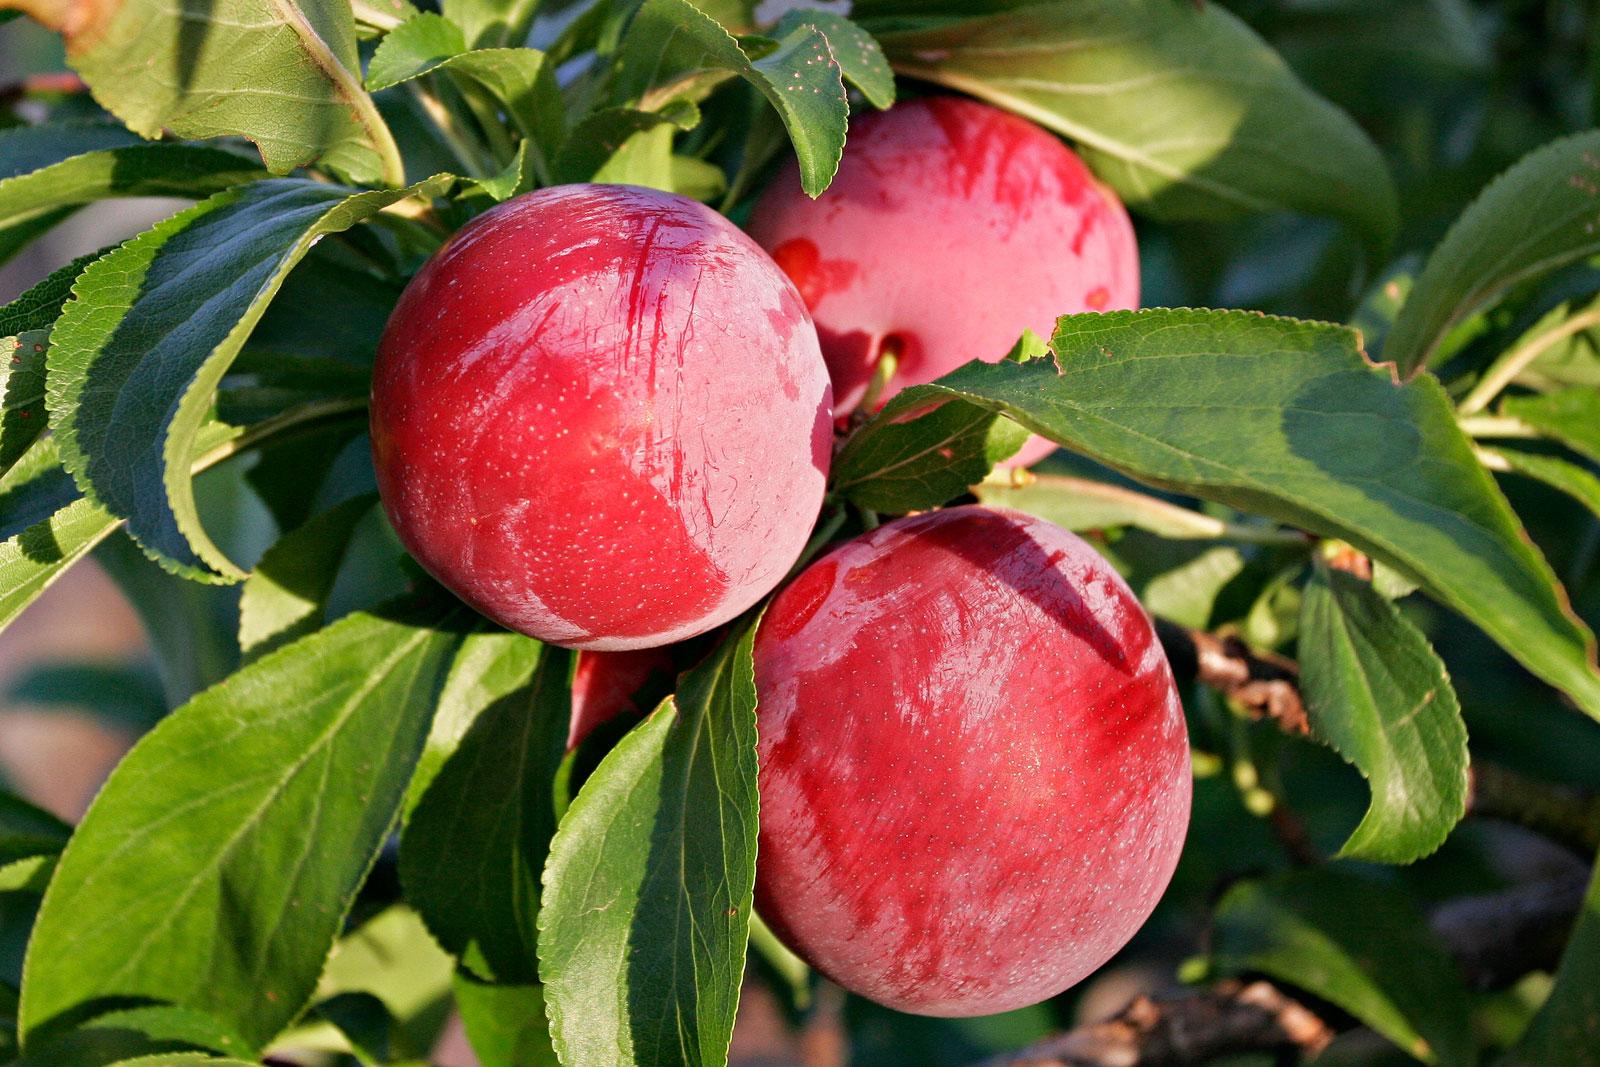 Слива красный шар: описание и характеристики сорта, тонкости выращивания, отзывы